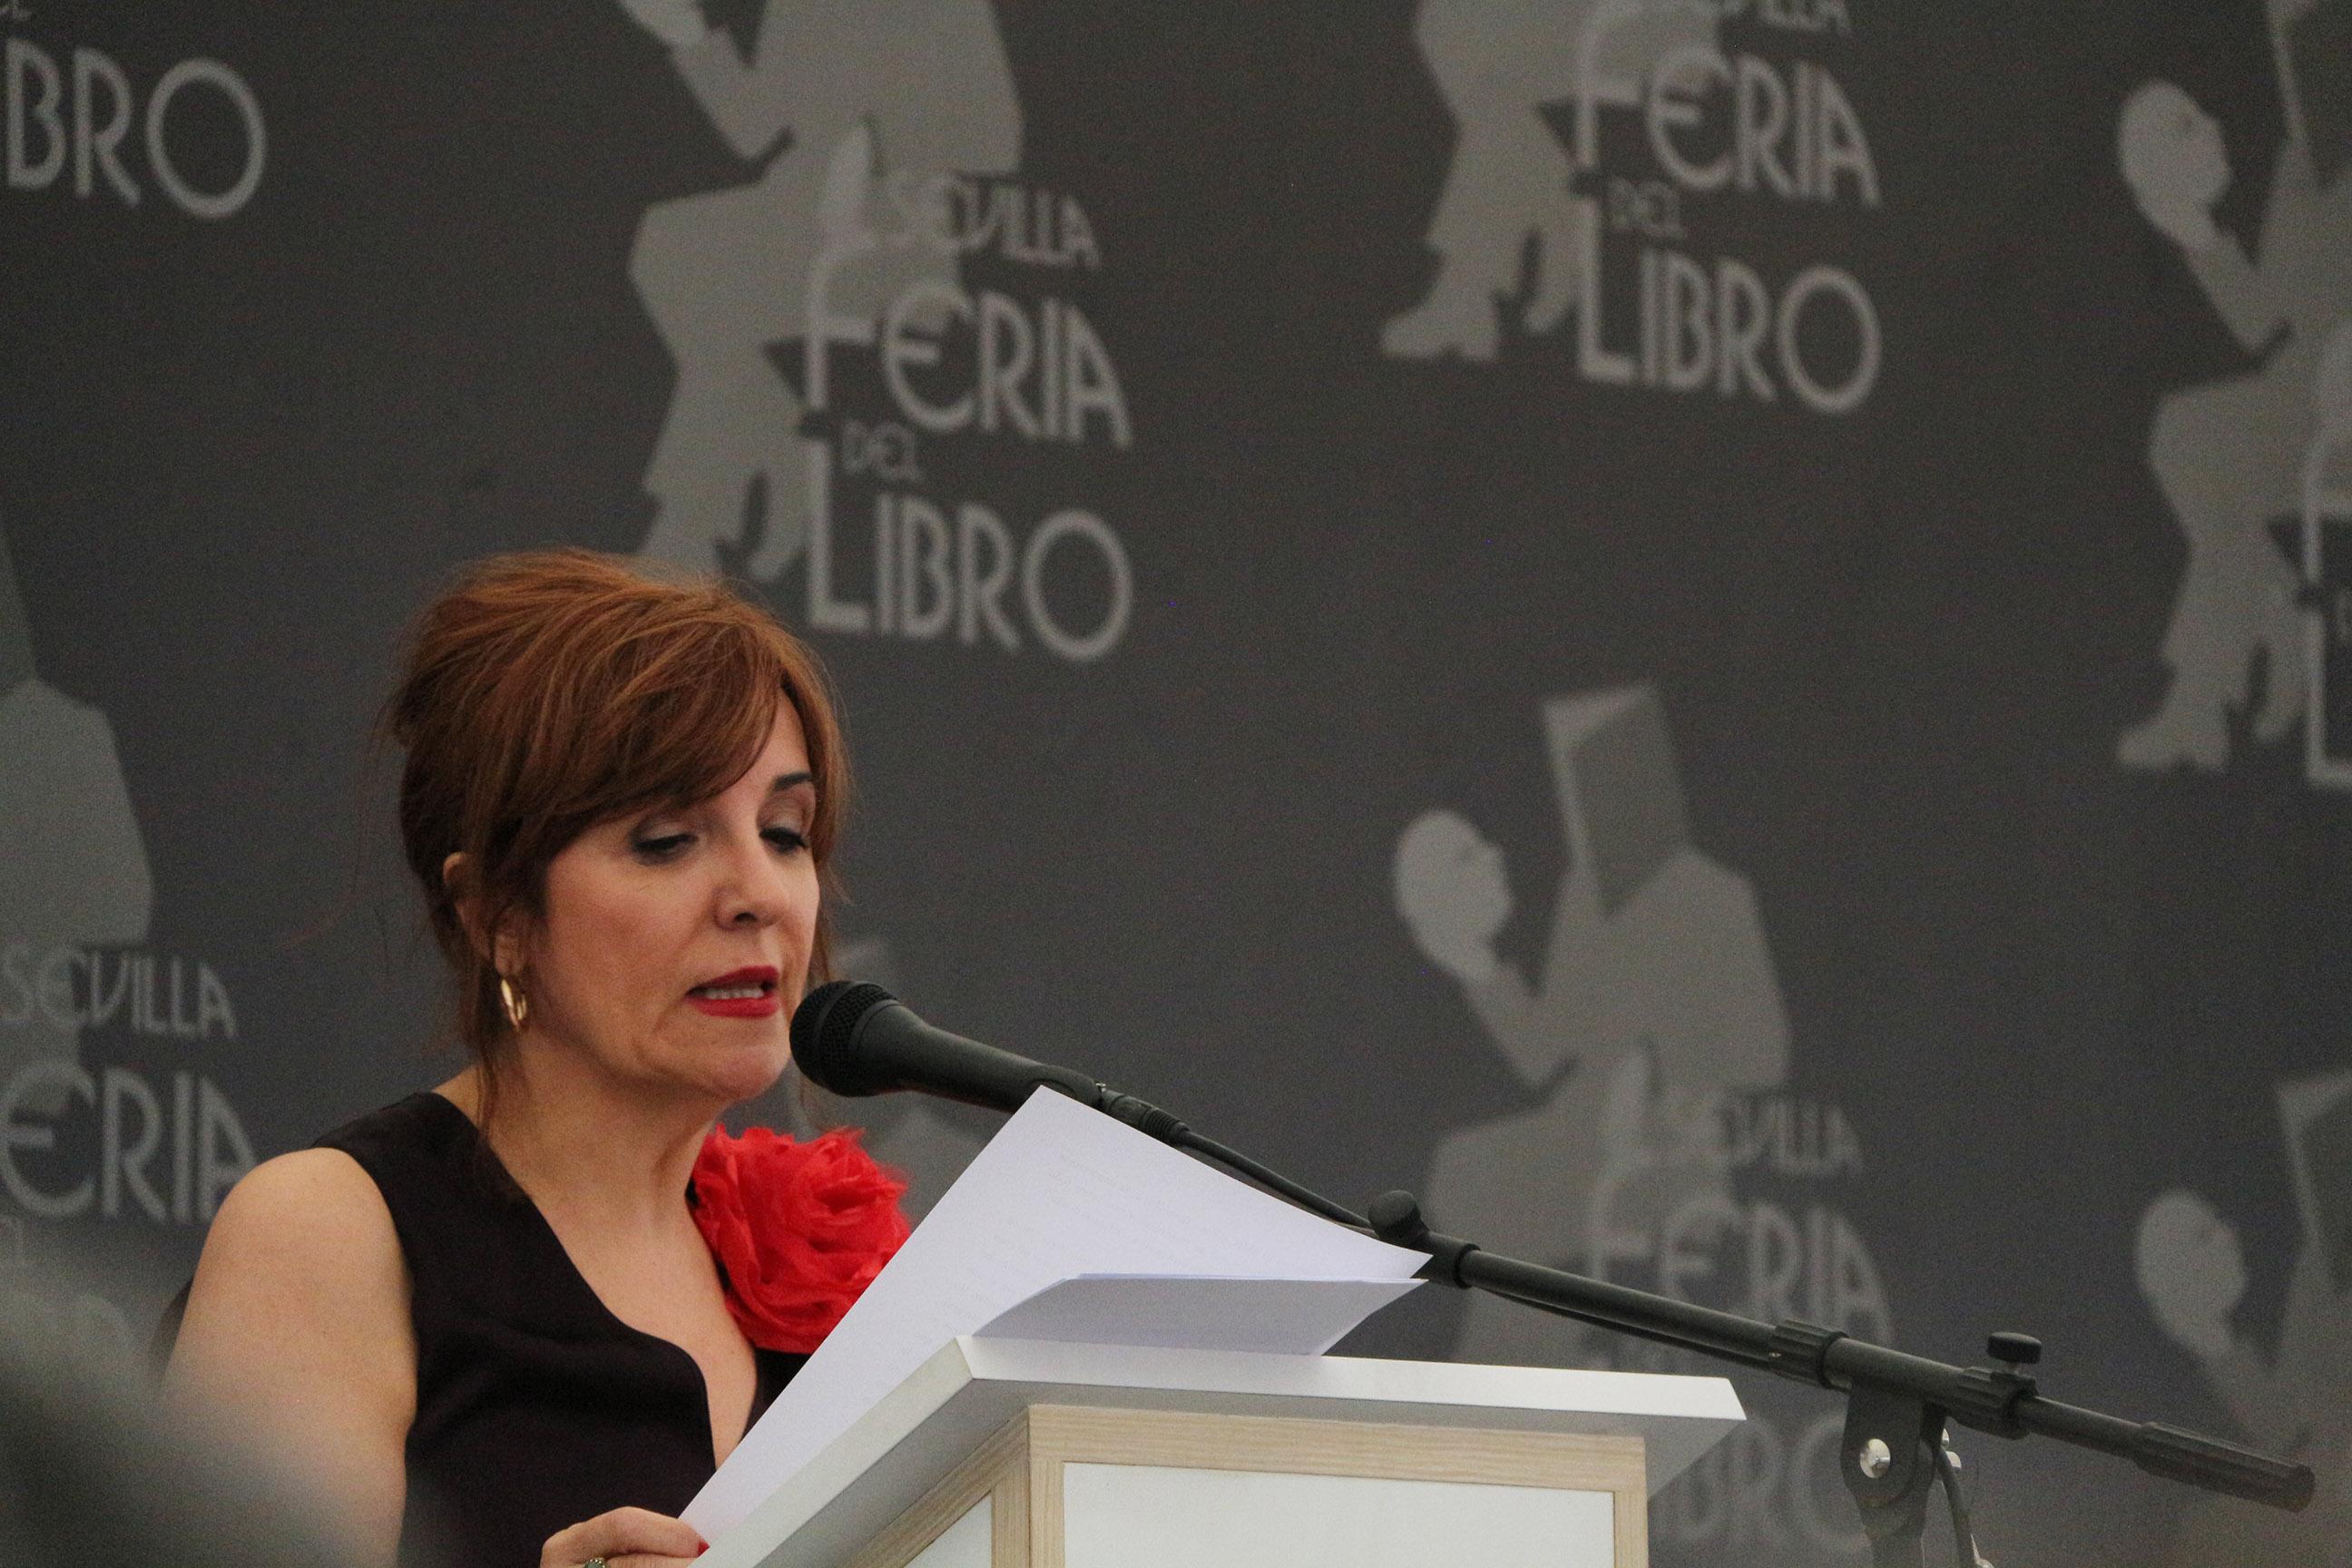 Elvira Lindo escribe las primeras líneas de la Feria del Libro de Sevilla 2019